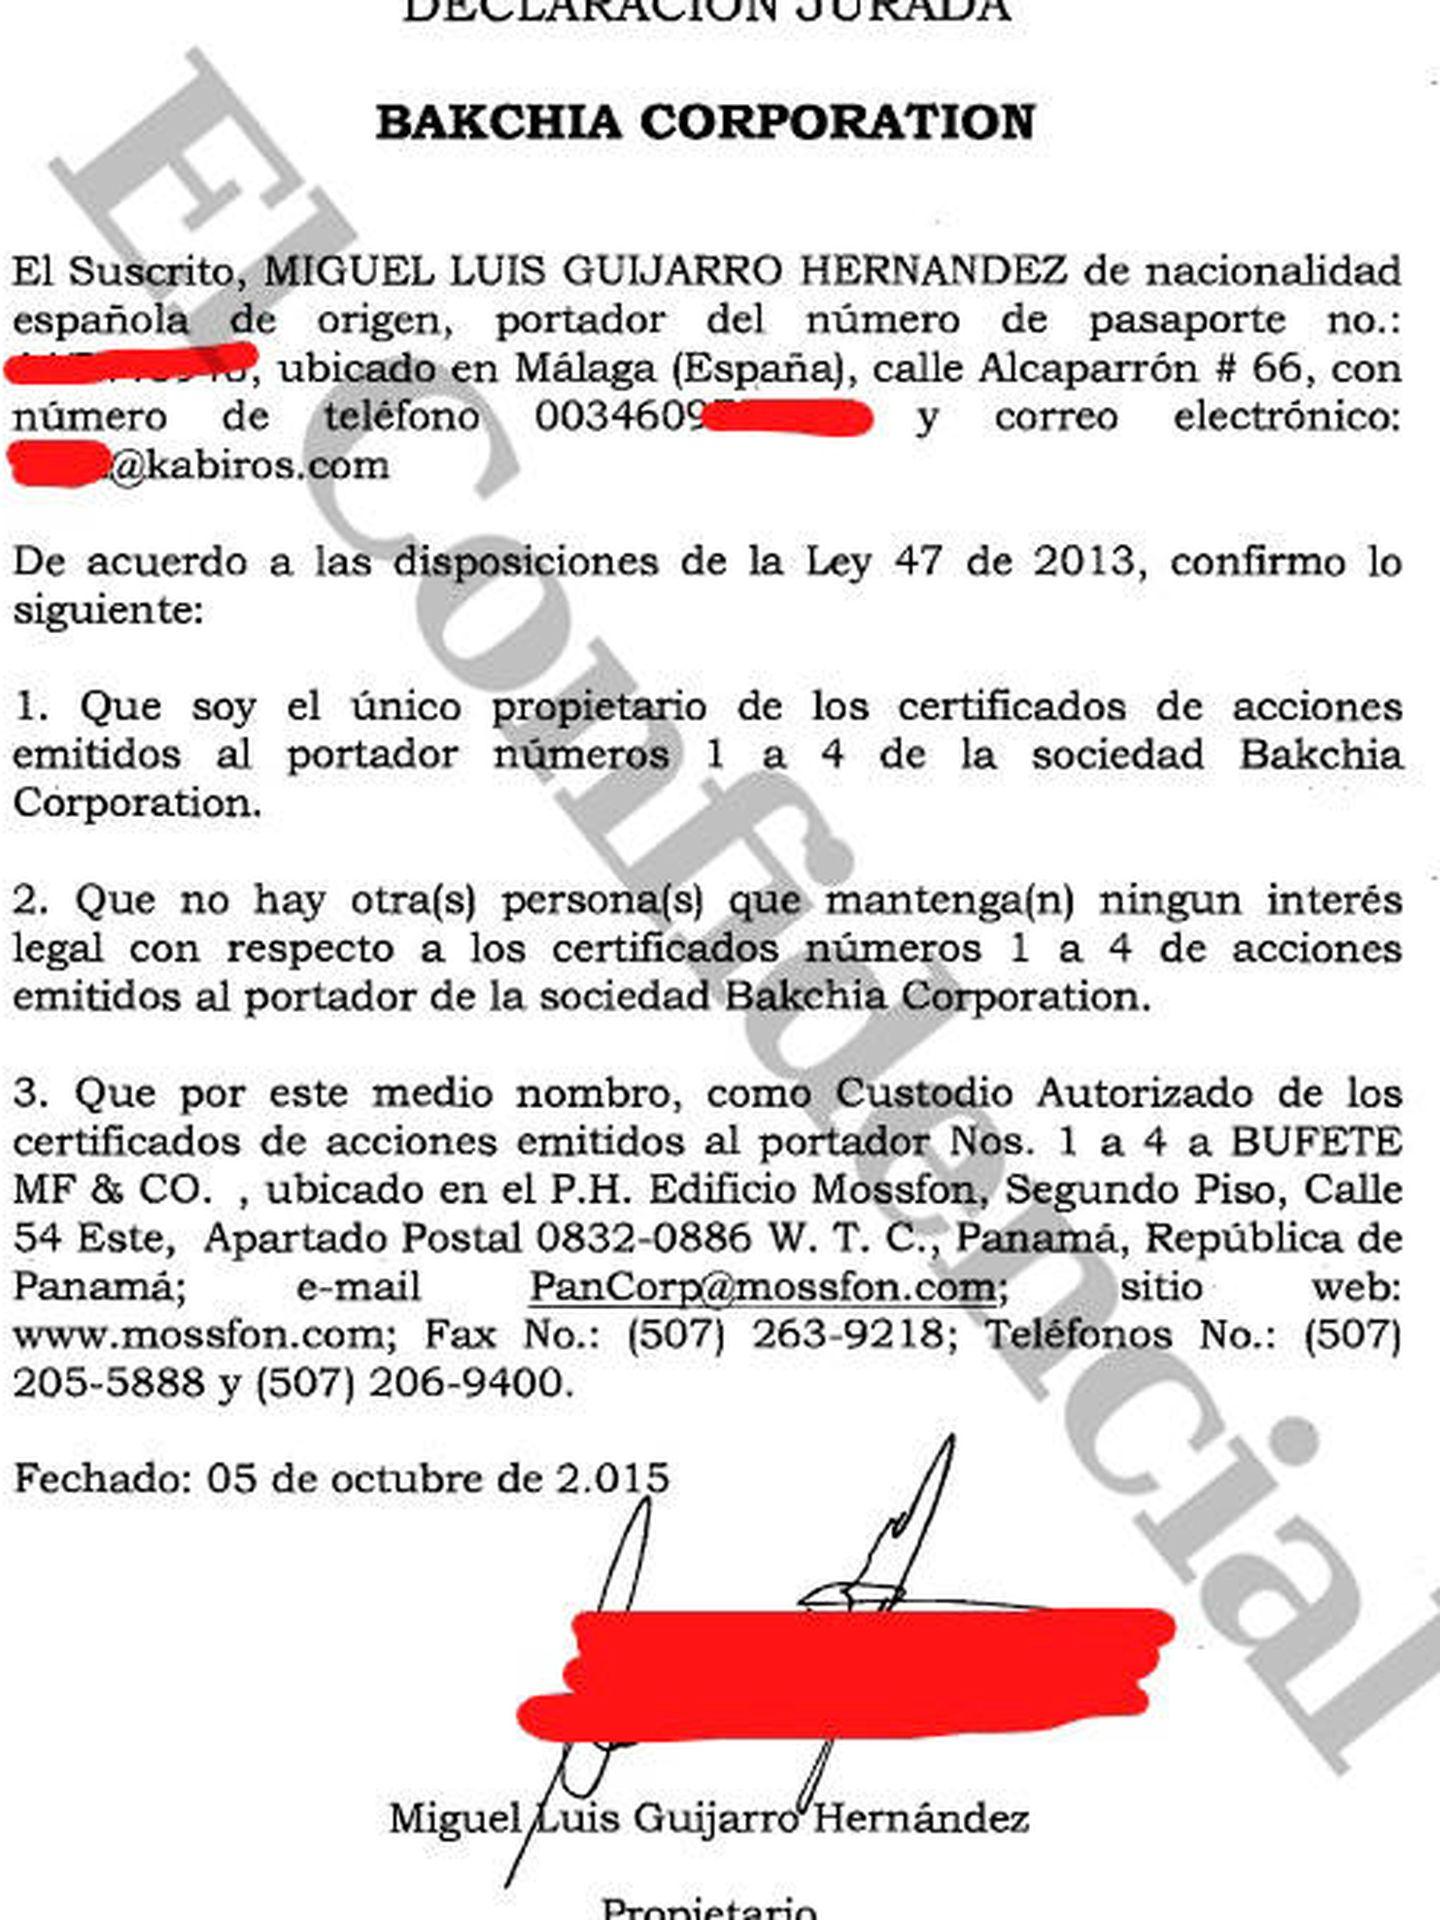 Guijarro, único propietario de las acciones de Bakchia Corp.